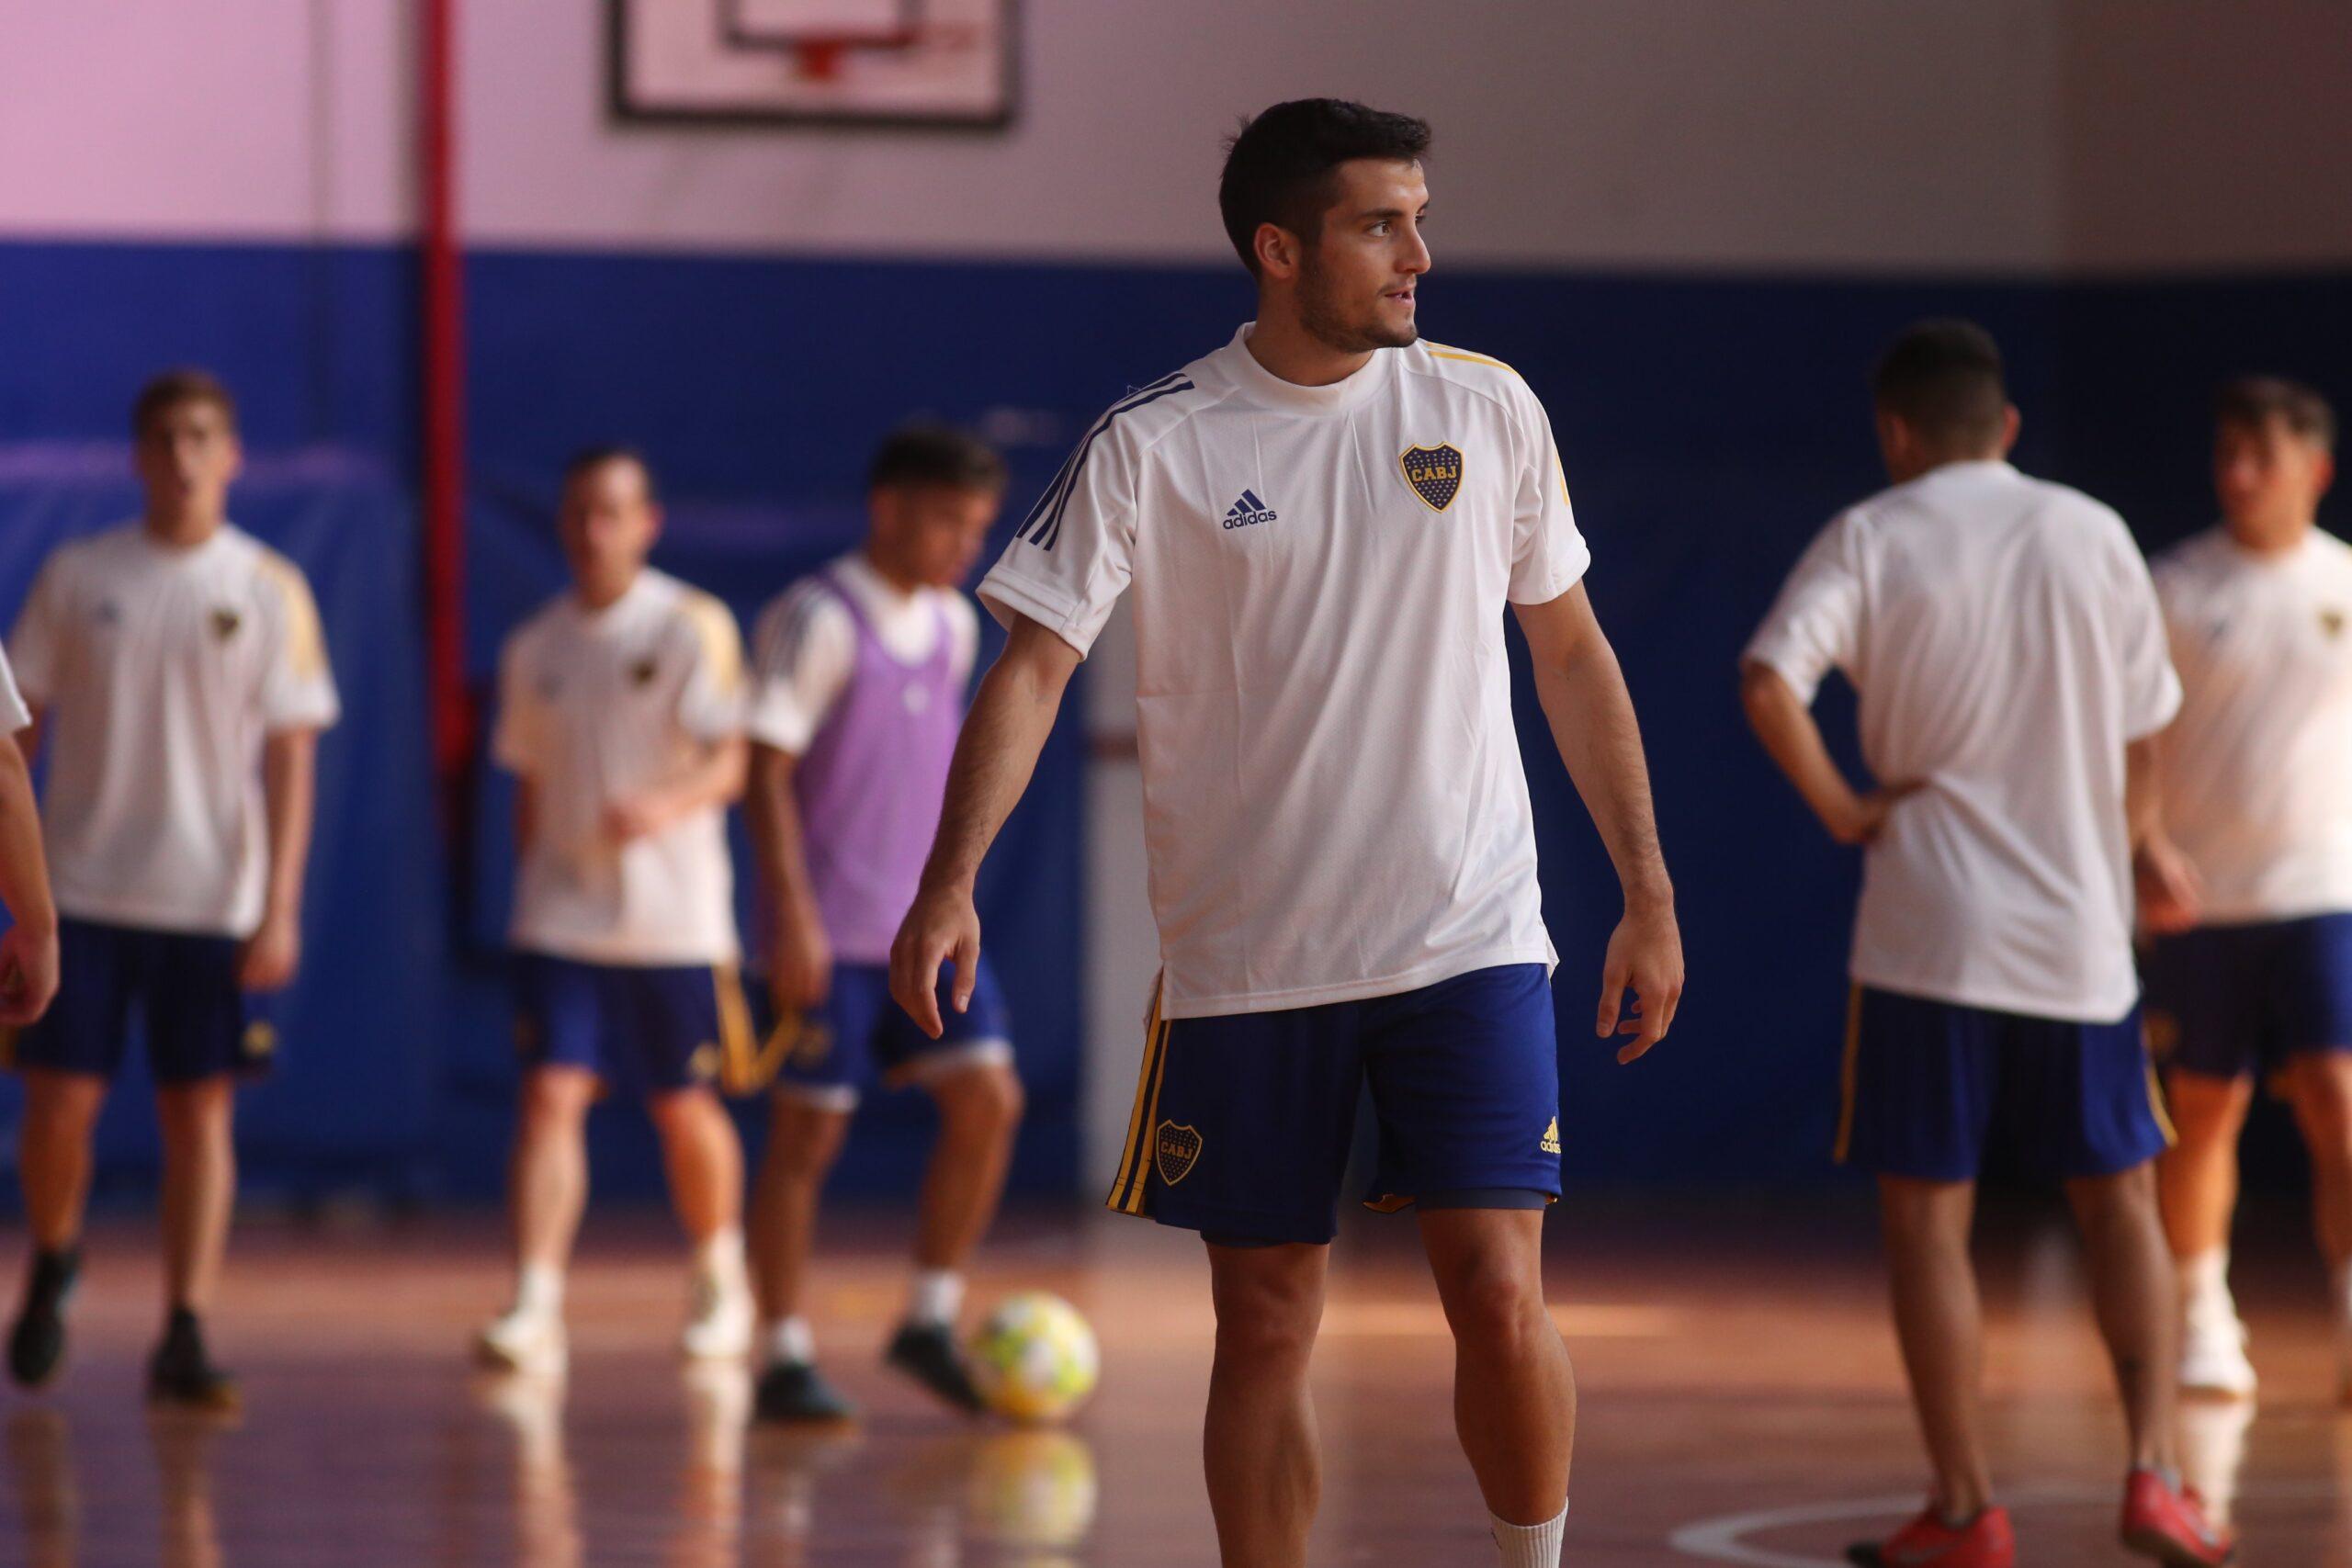 el futsal de Boca retorno a los entrenamientos luego de ganar el torneo de futsal afa